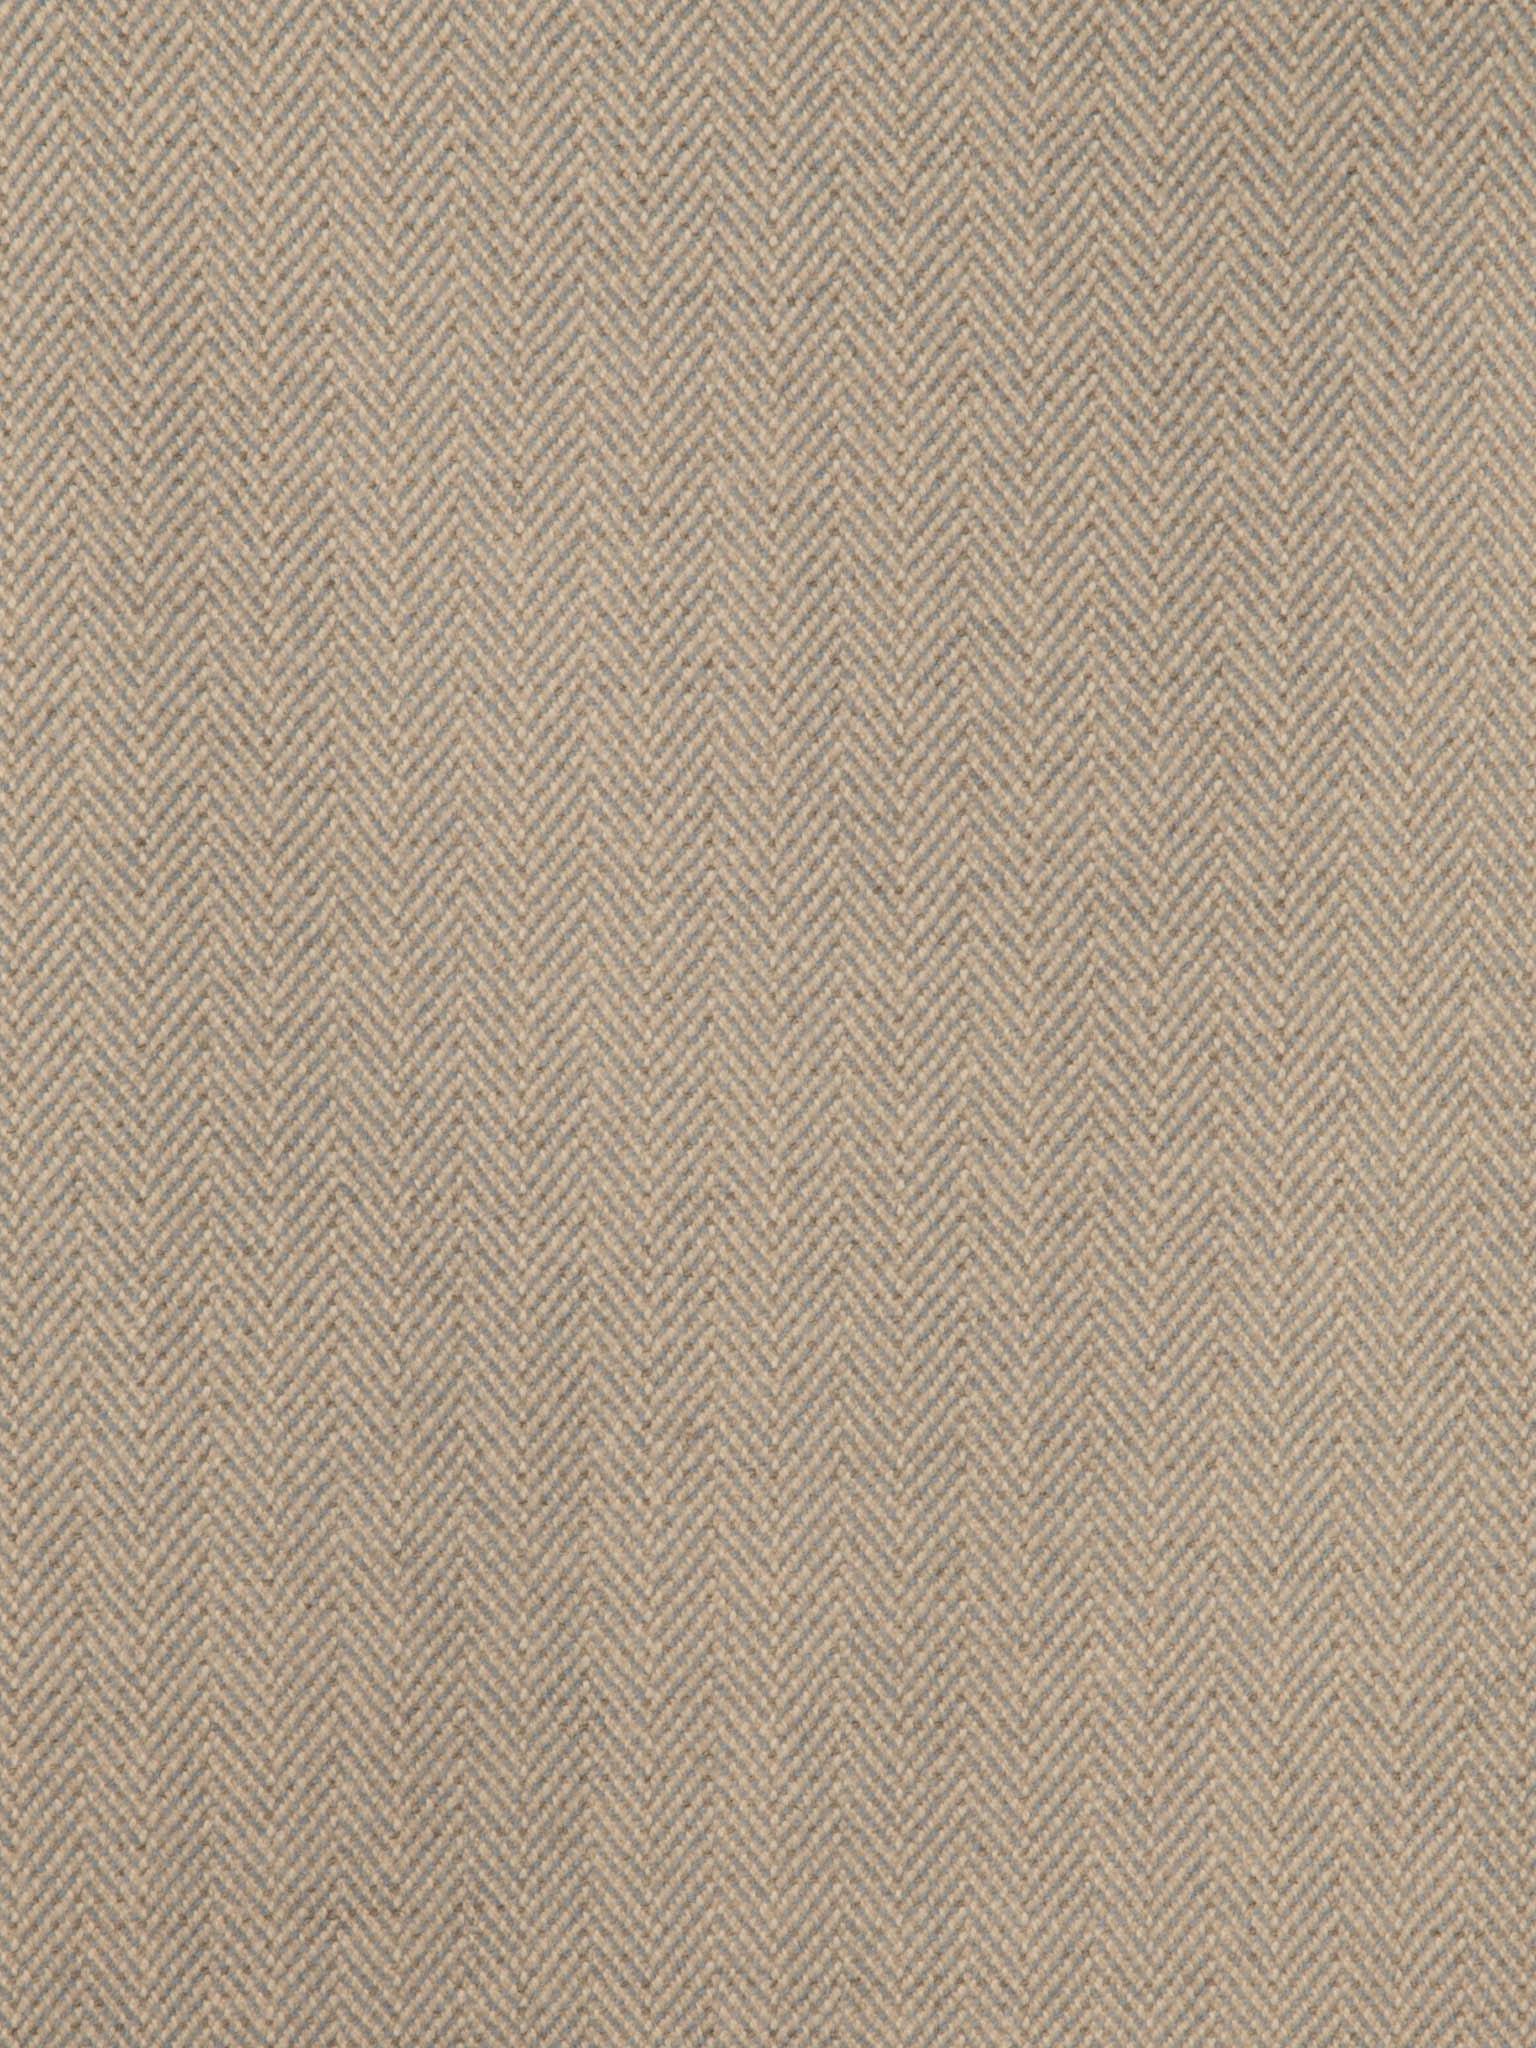 Savile Row Windsor Tweed DE12097